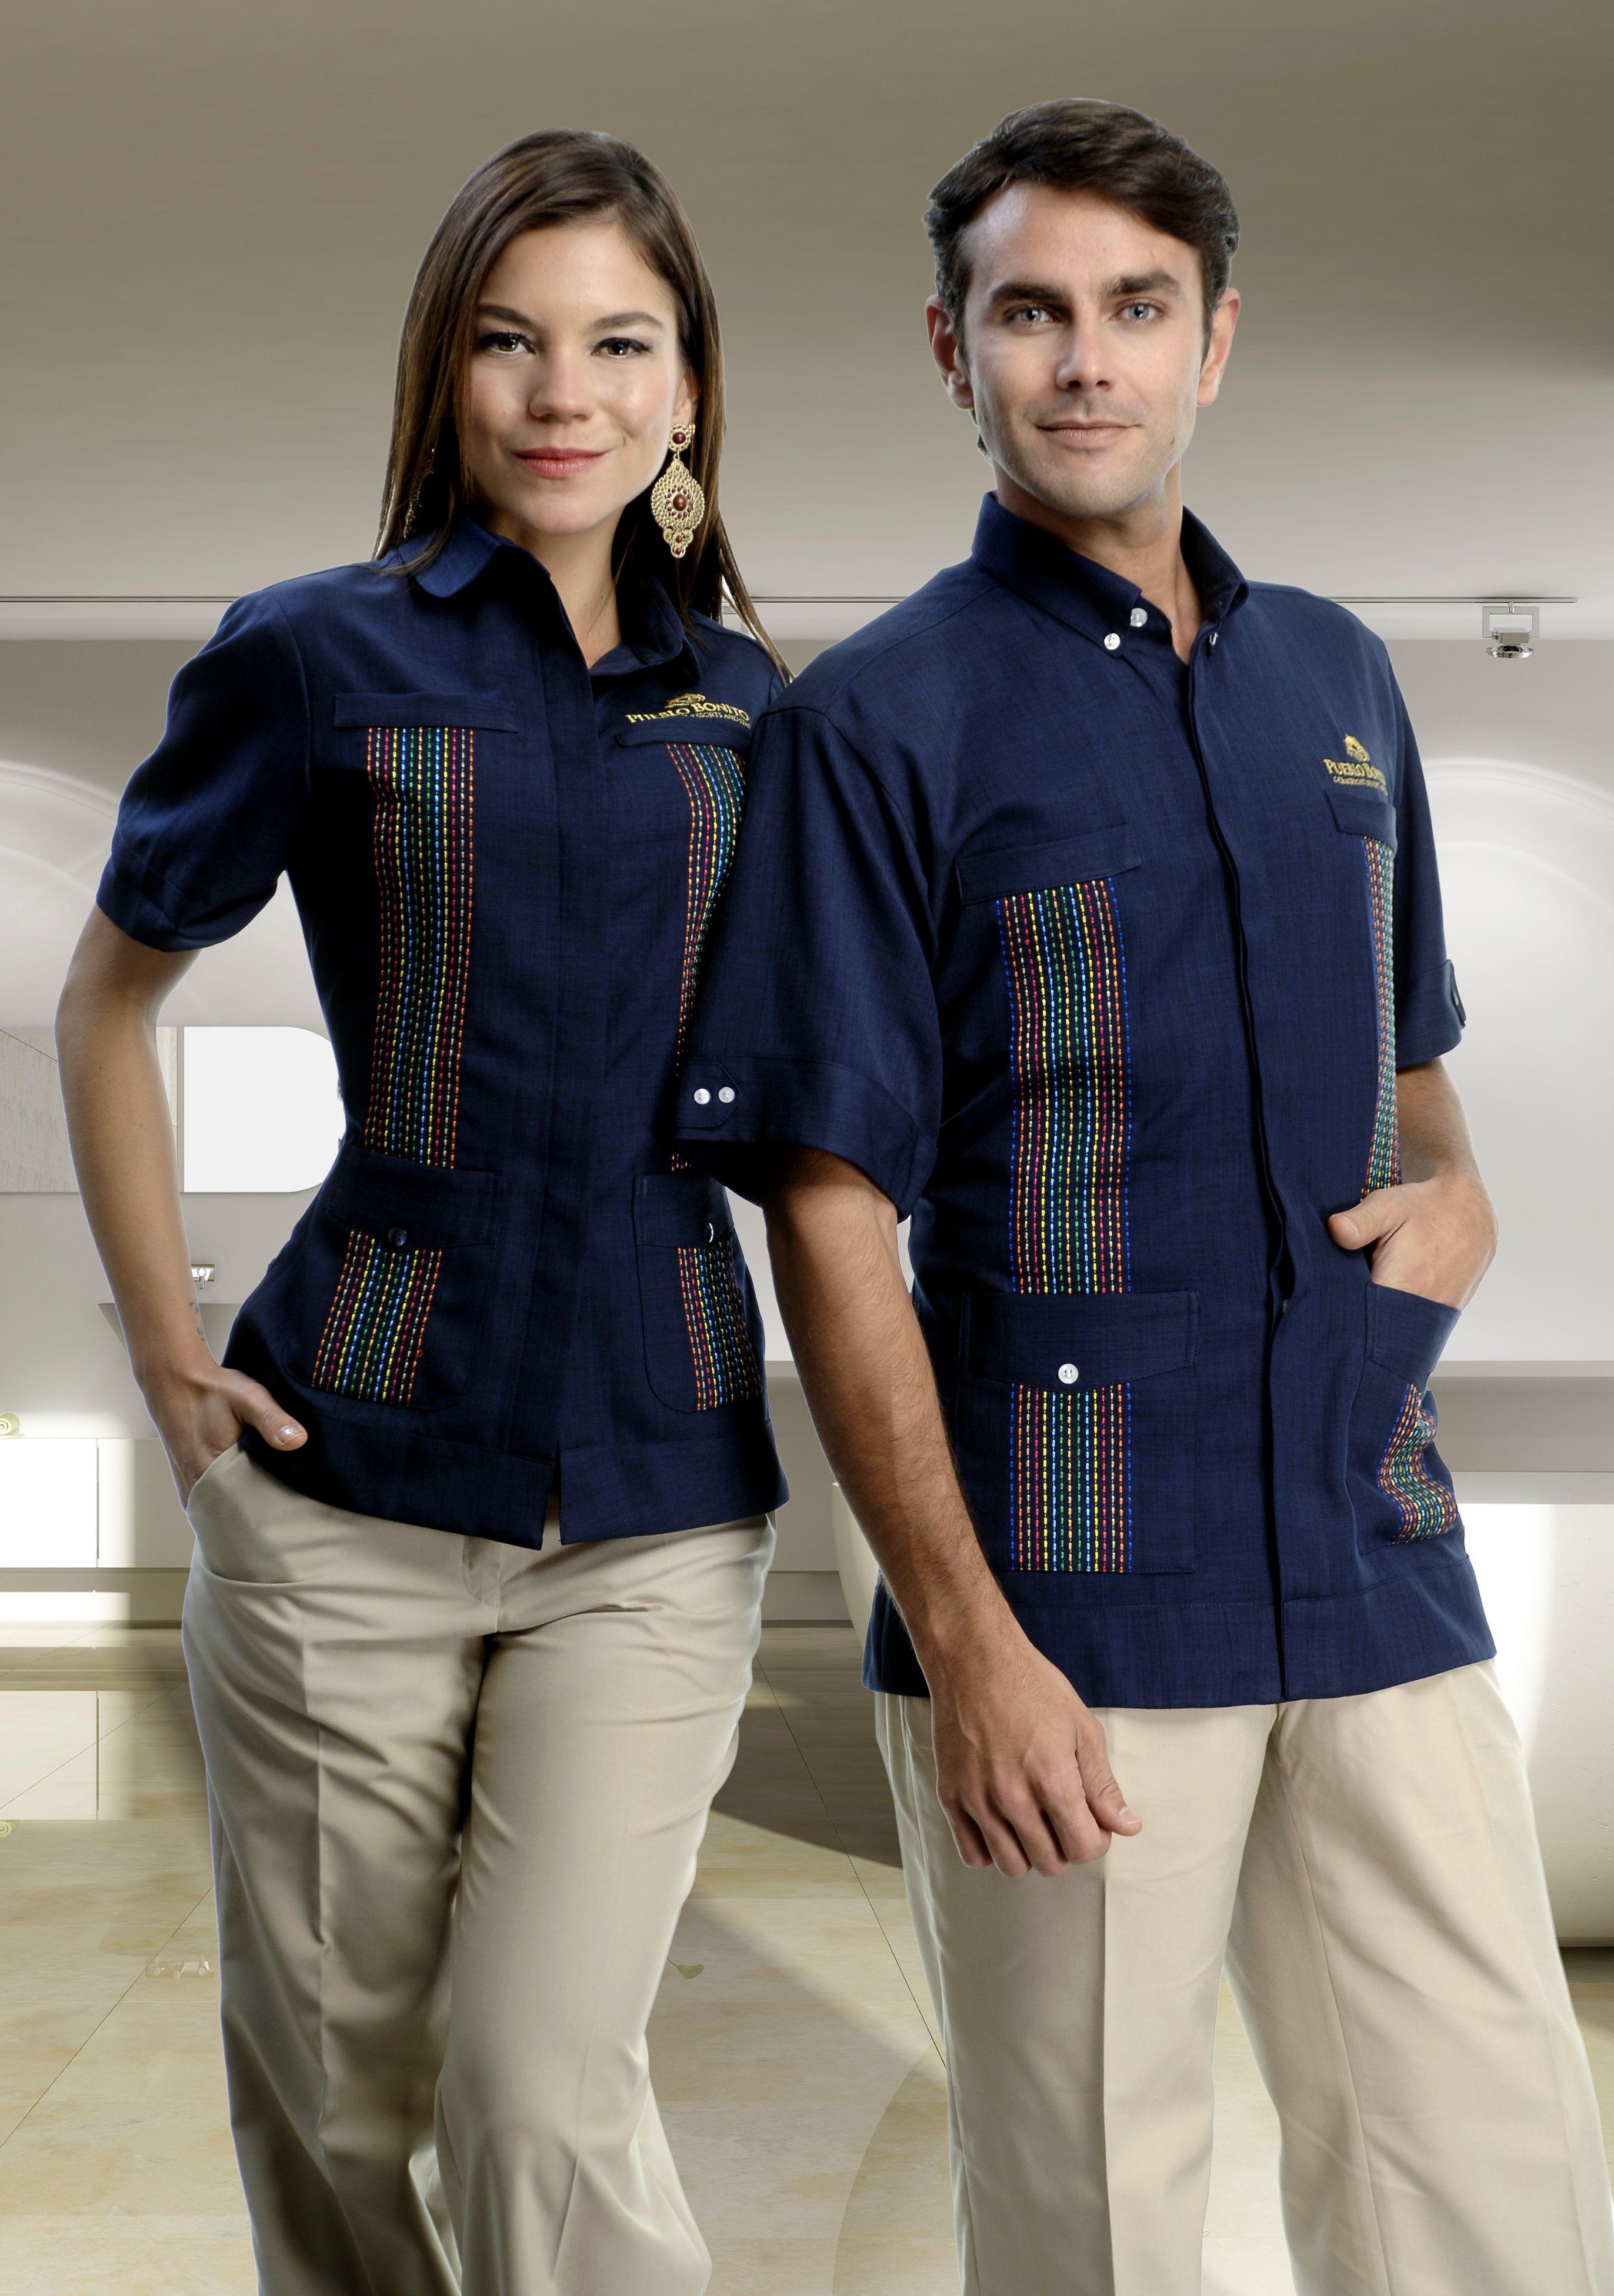 9b9a0dcd96071 Pin de Casatela San Ignacio Misiones en uniformes